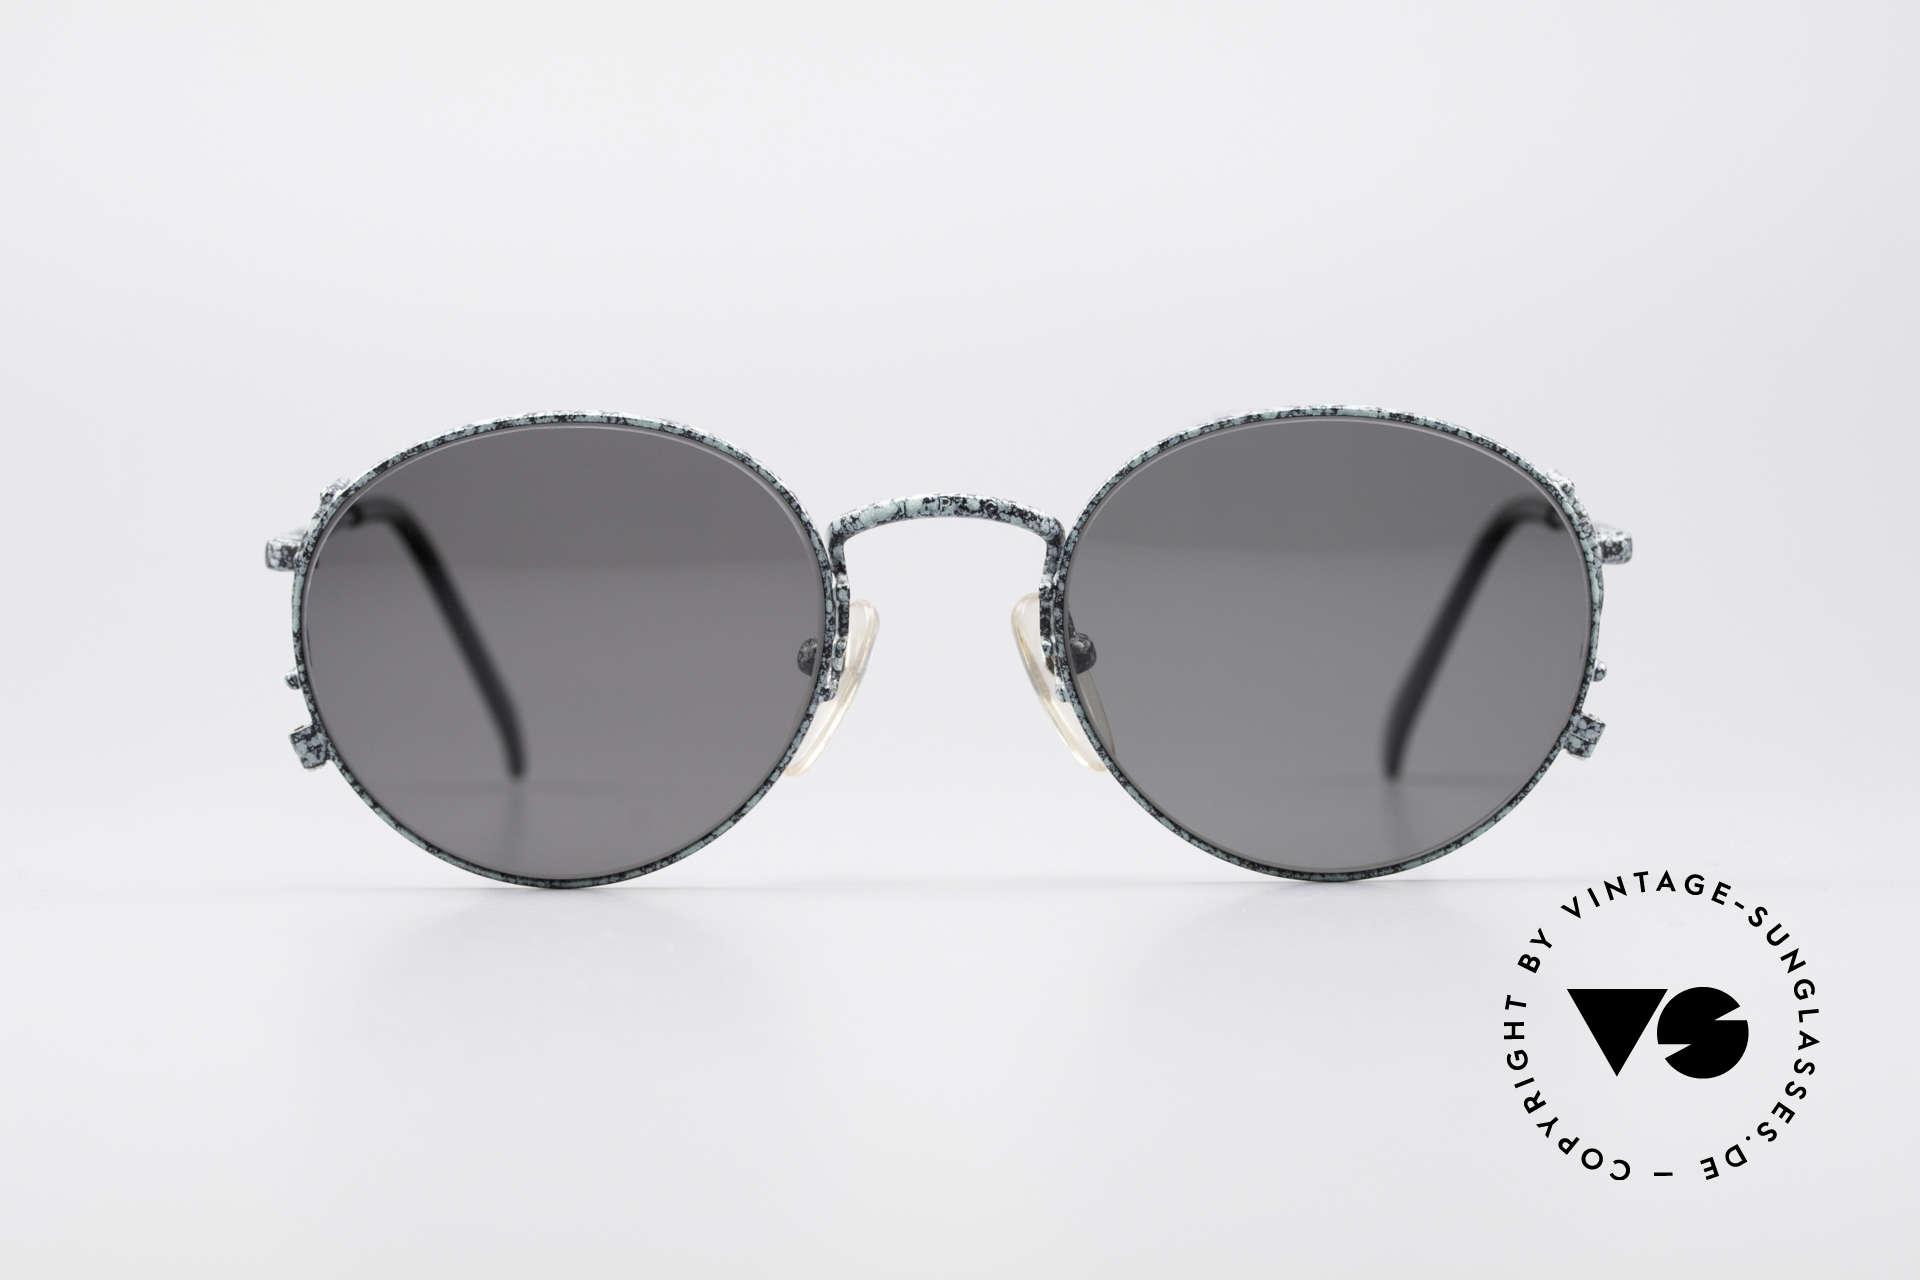 """Jean Paul Gaultier 55-3178 Polarisierende Sonnenbrille, Metallgestell in antiker """"rusty green"""" Lackierung, Passend für Herren und Damen"""